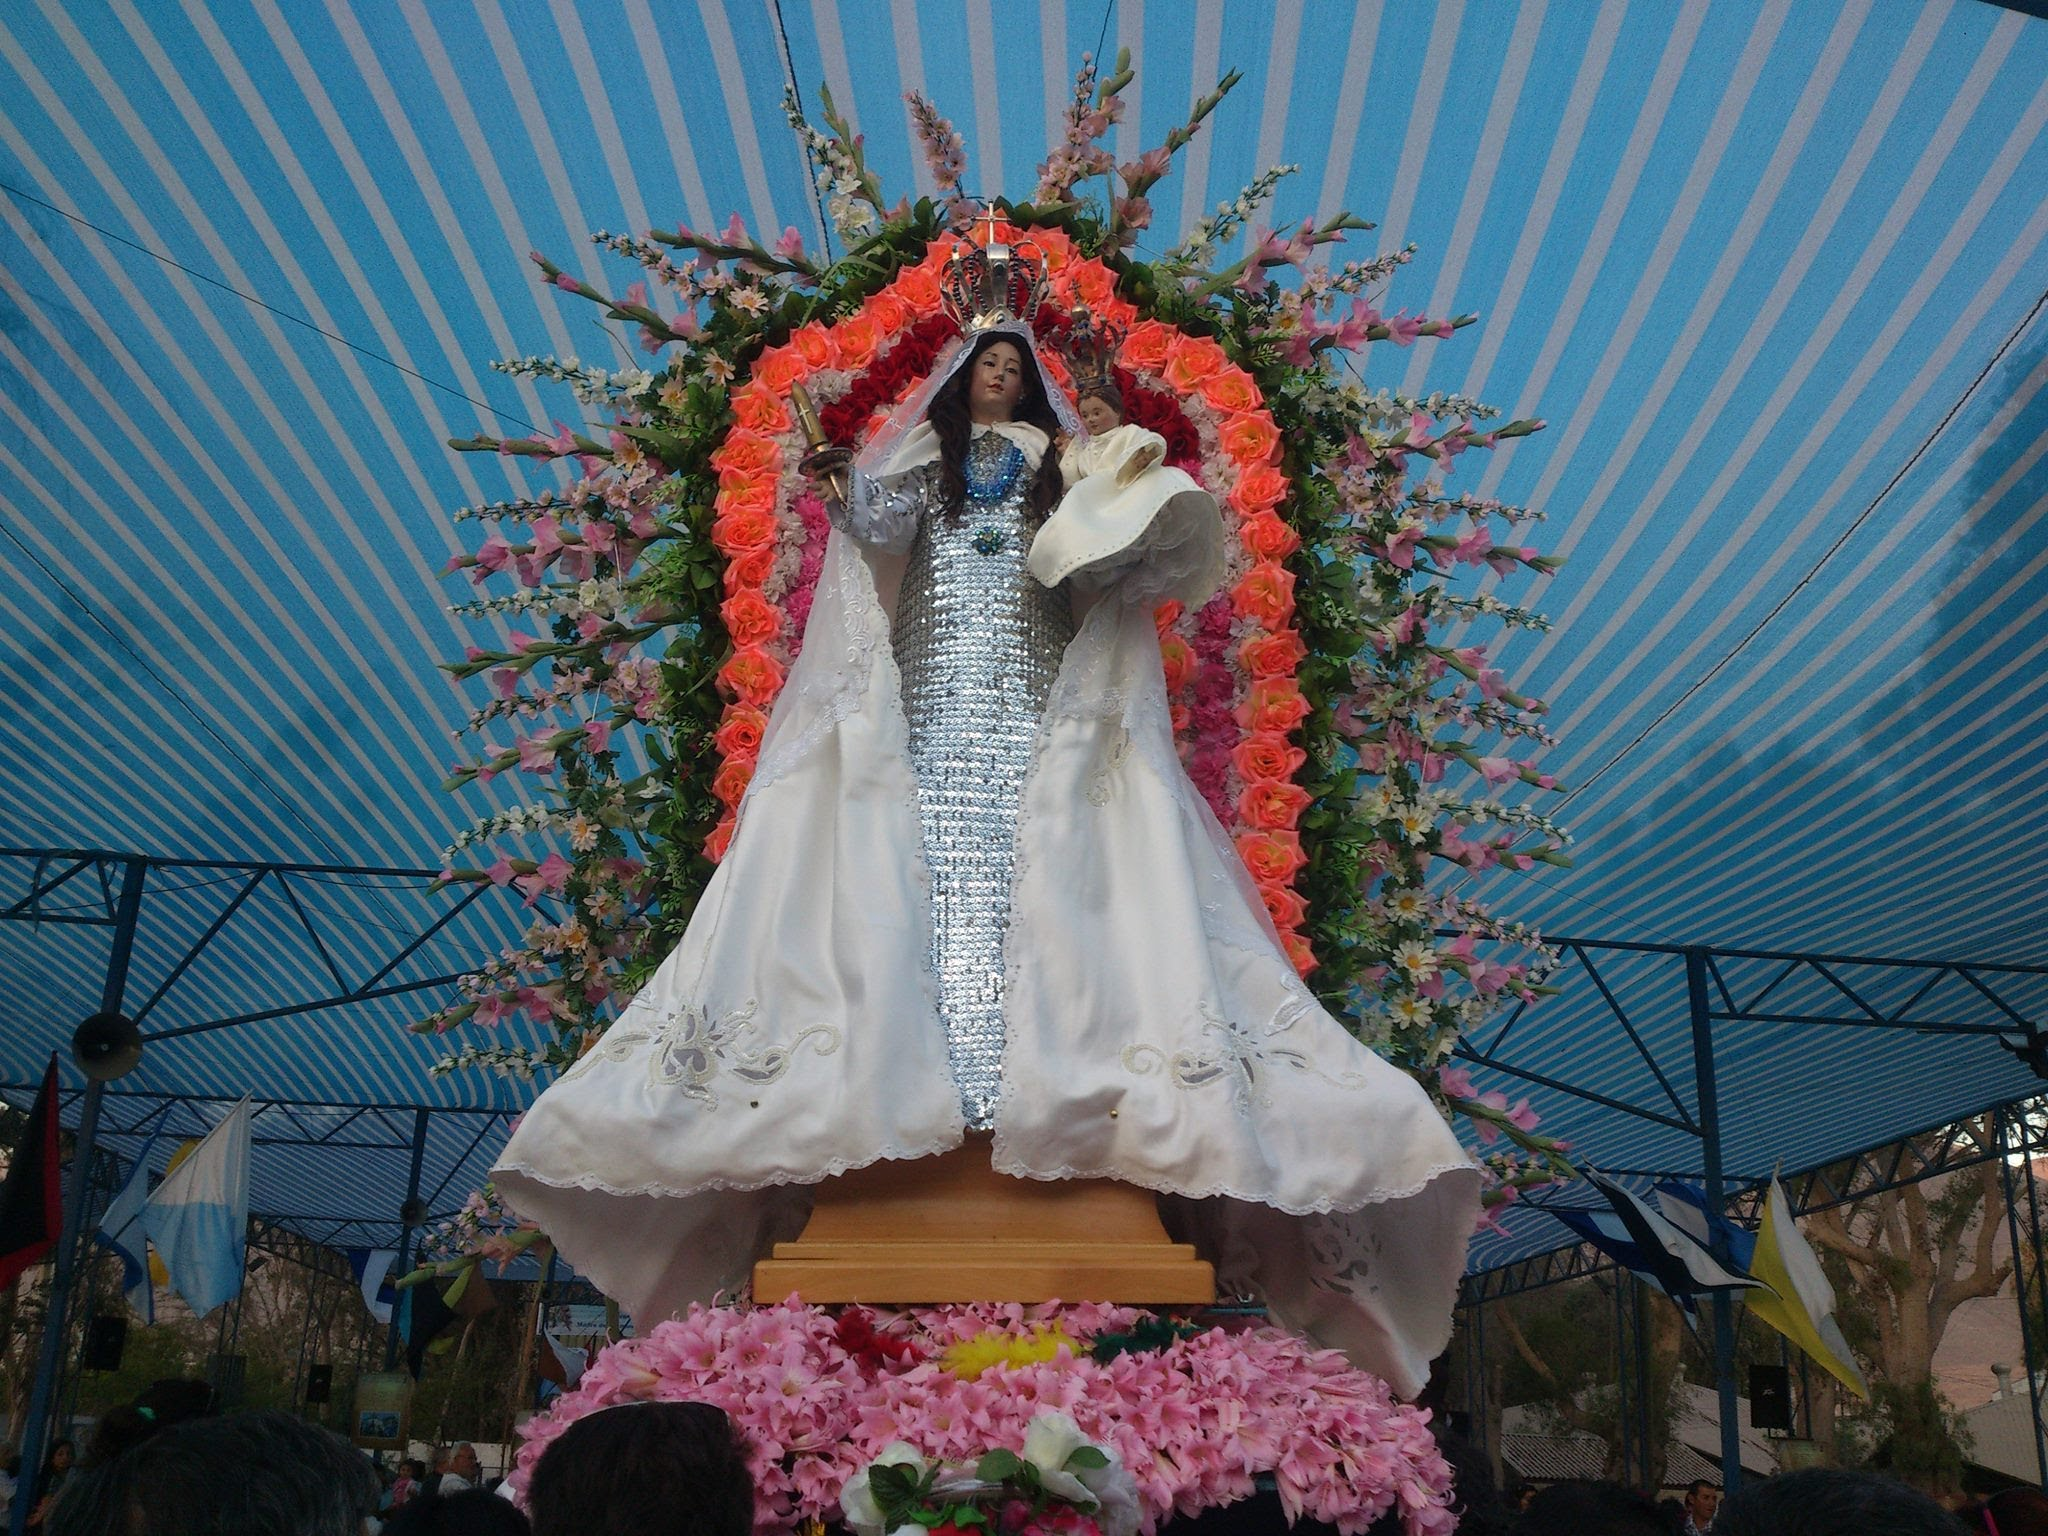 Las Advocaciones Americanas de la Virgen de la Candelaria (2 de febrero)